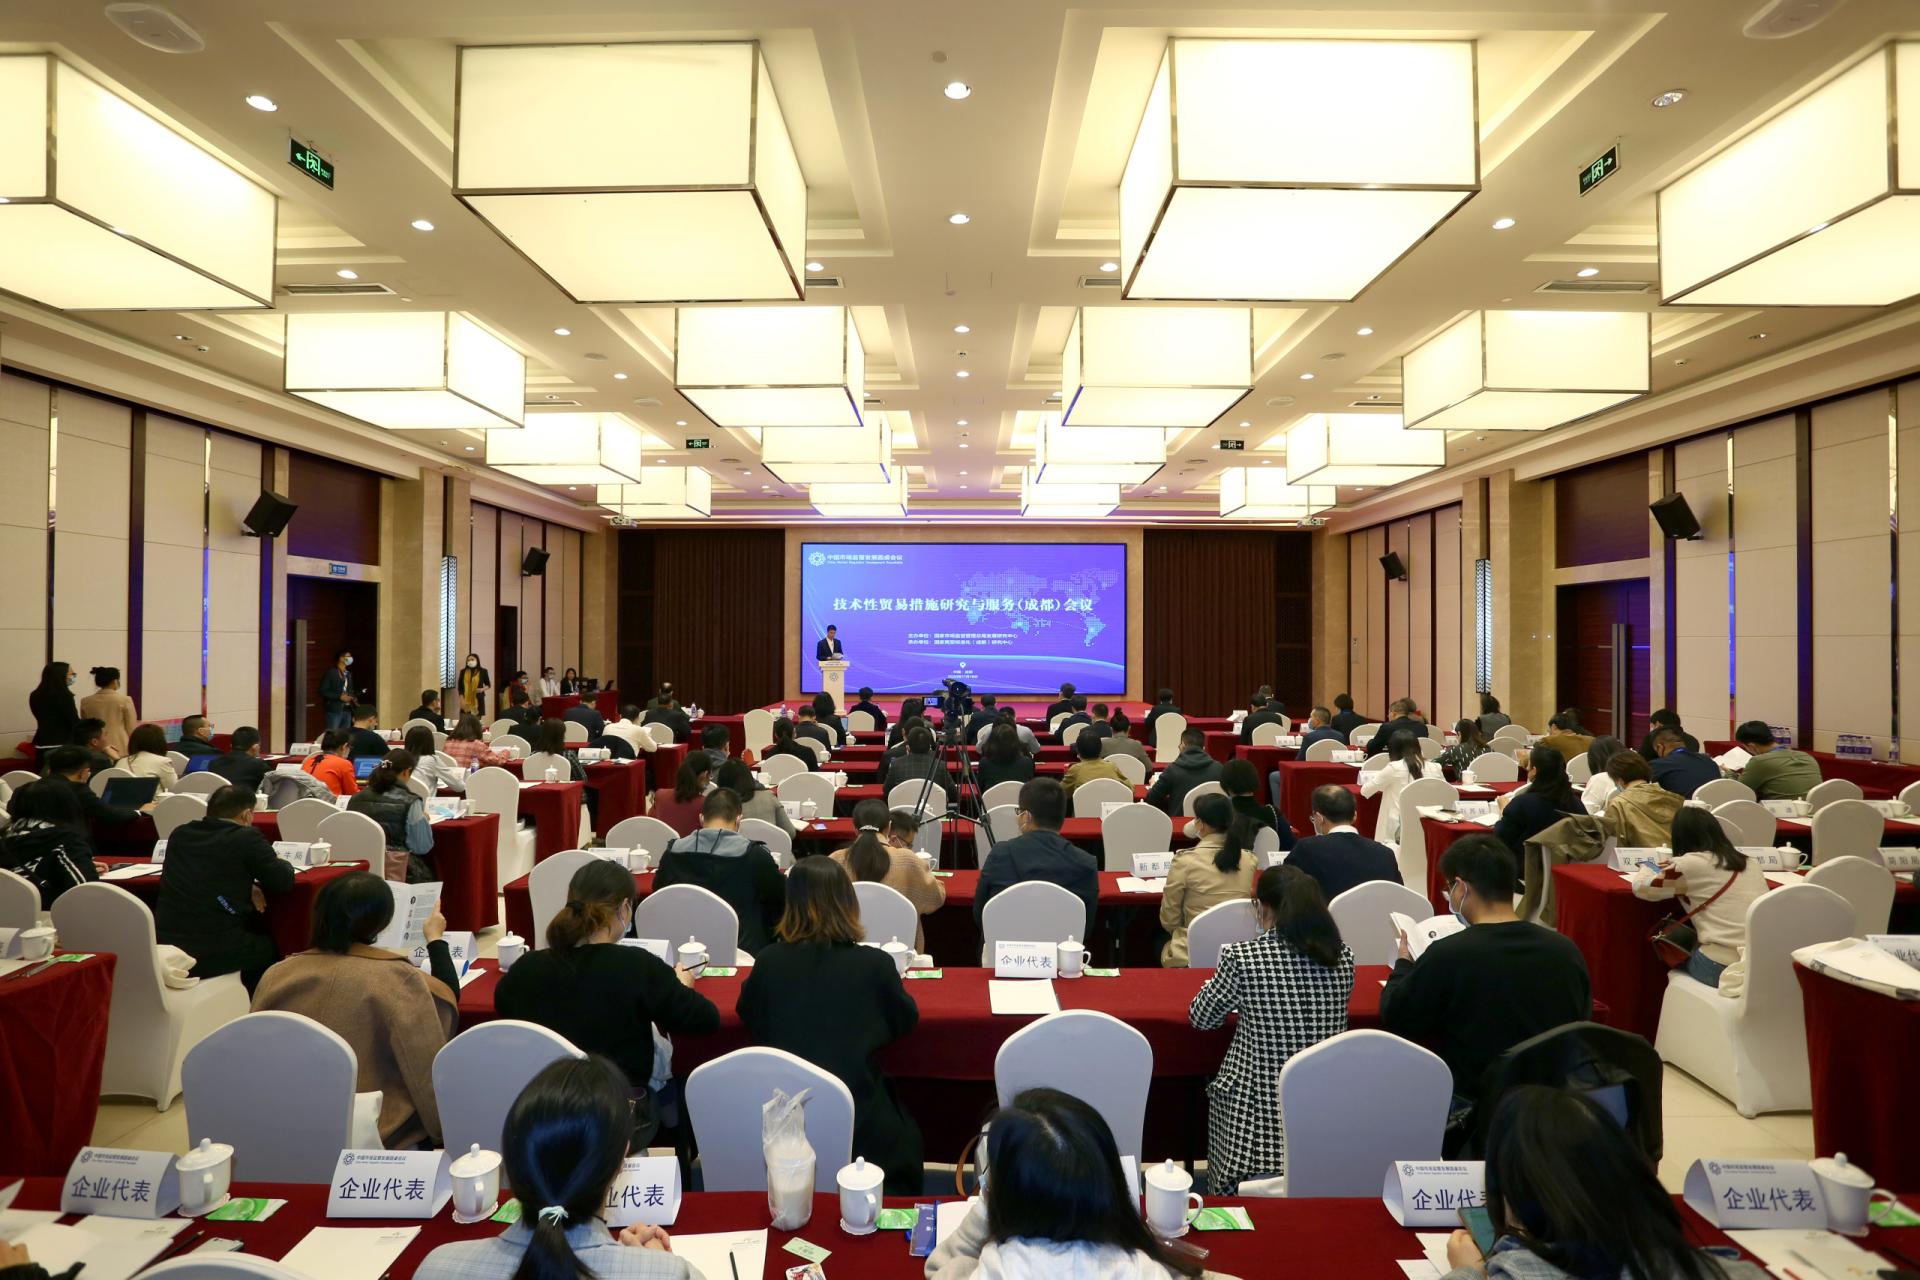 第三届技术性贸易措施研究与服务(成都)会议顺利召开